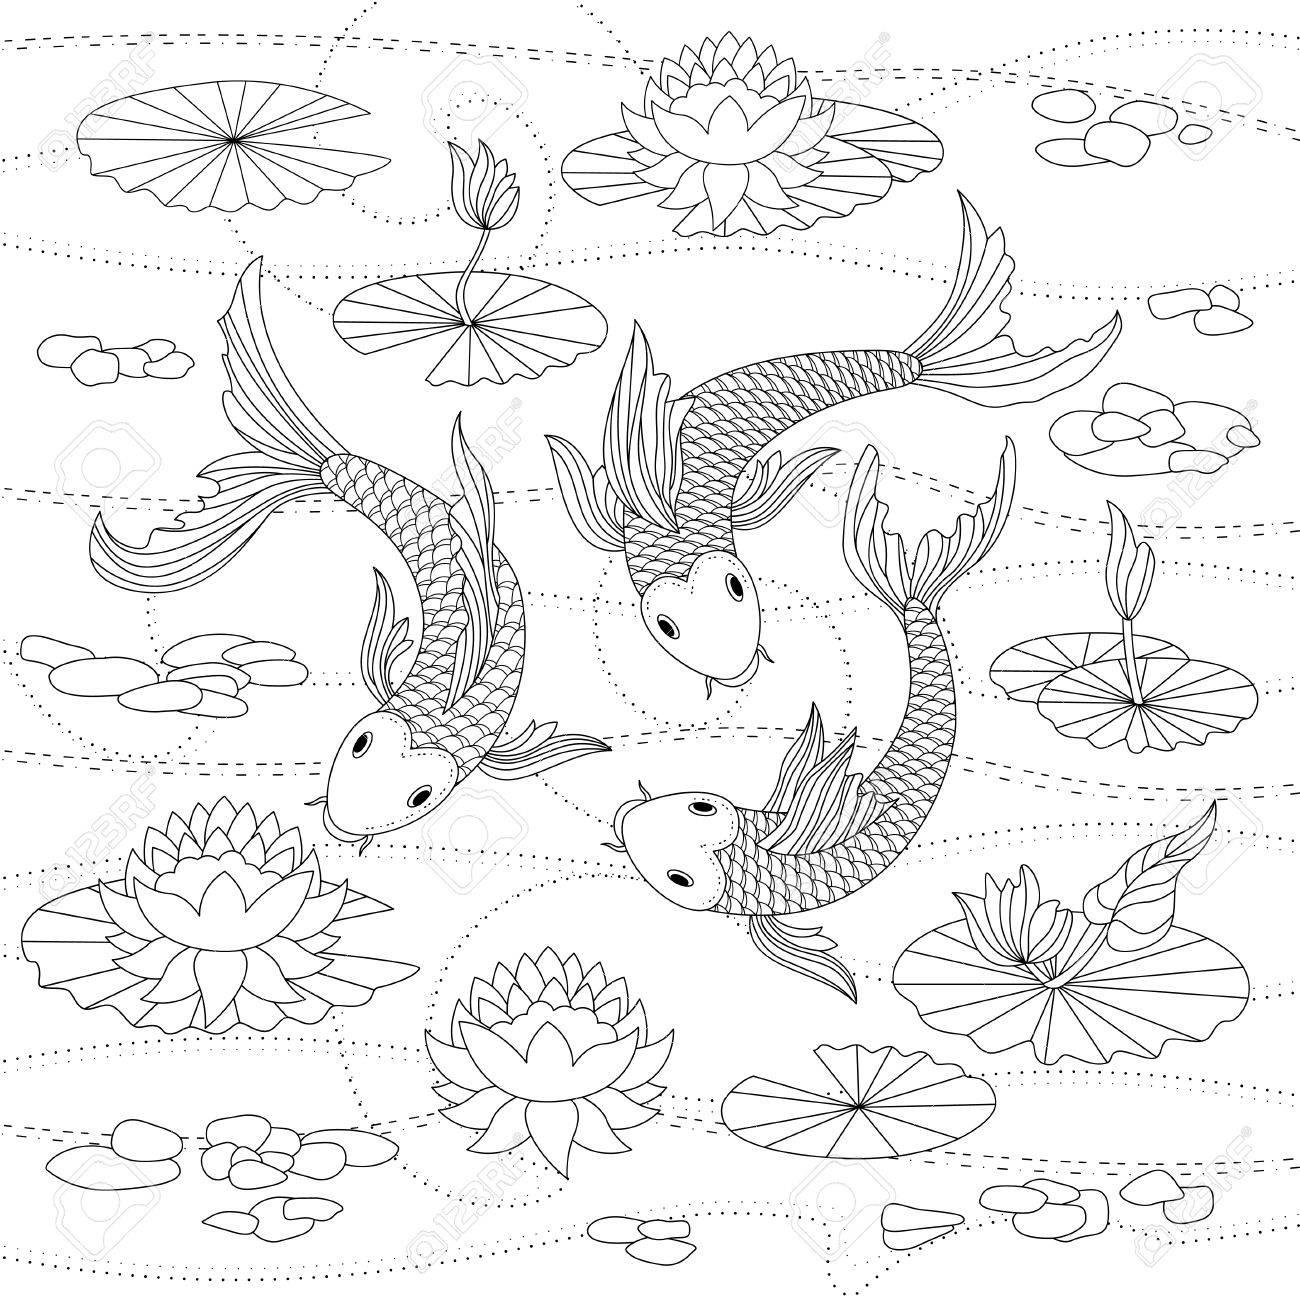 Lujo Peces Koi Japoneses Para Colorear Imagen - Ideas Para Colorear ...